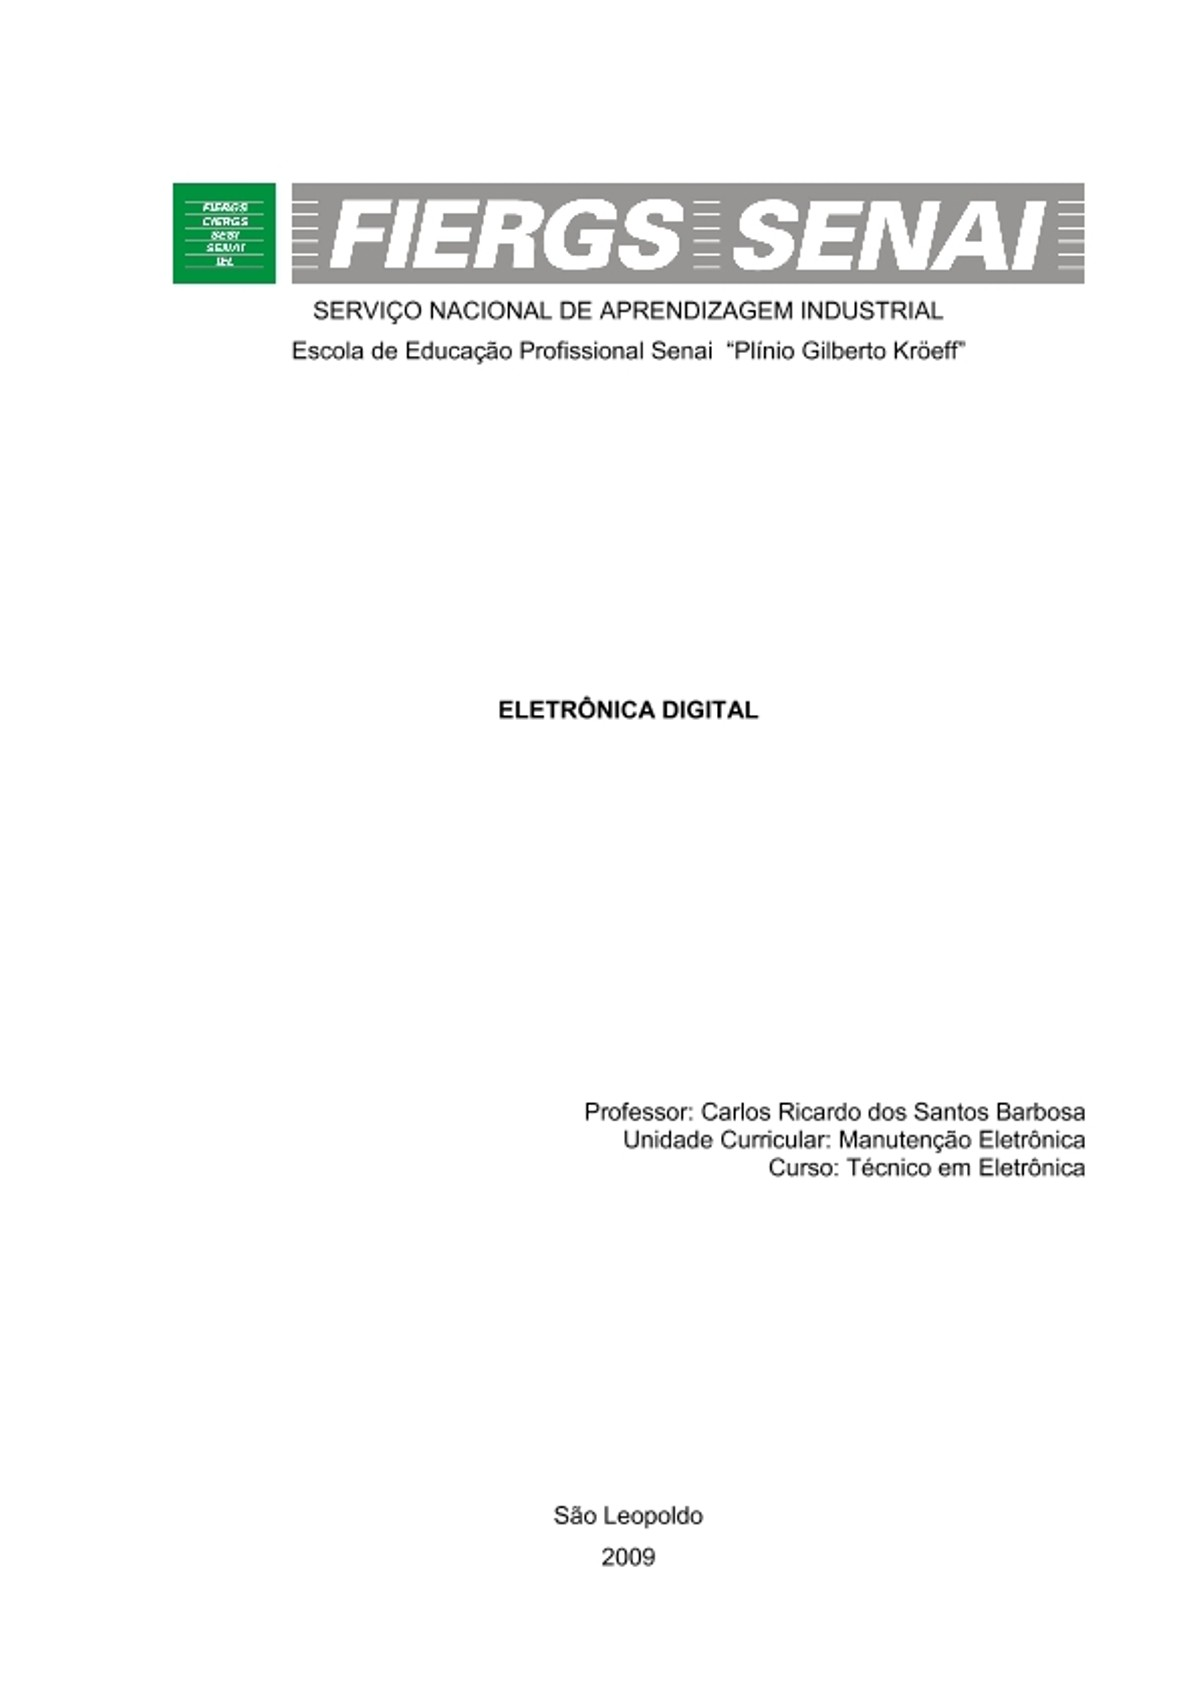 Pre-visualização do material apostila eletronica digital - página 1